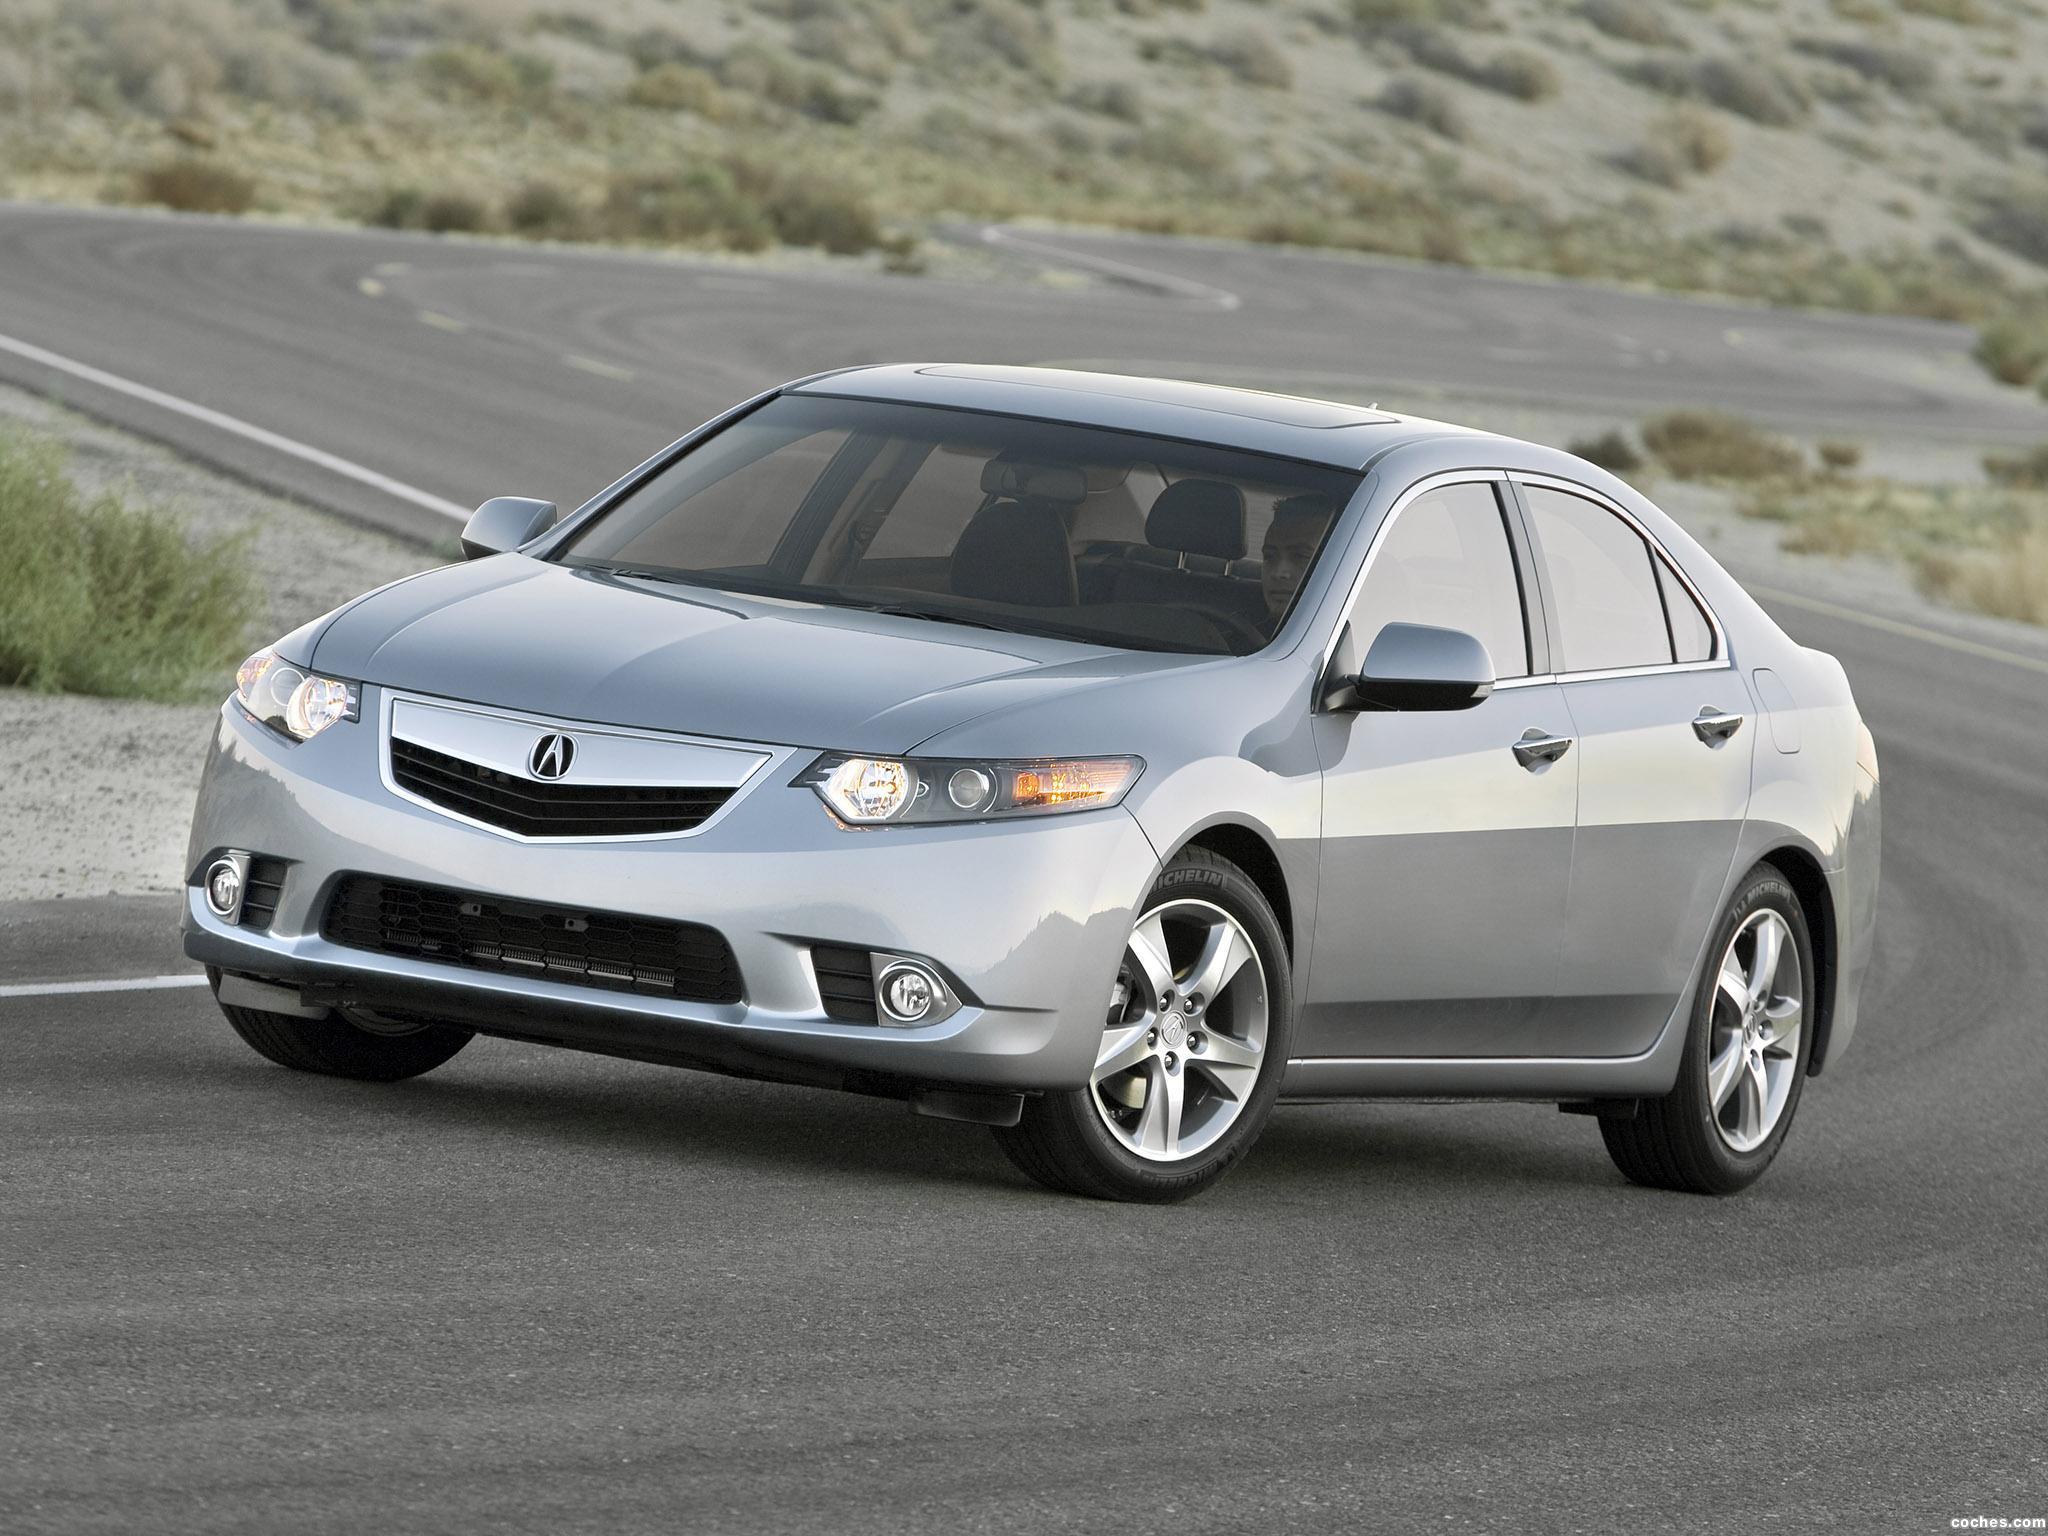 Foto 0 de Acura TSX Sedan 2011